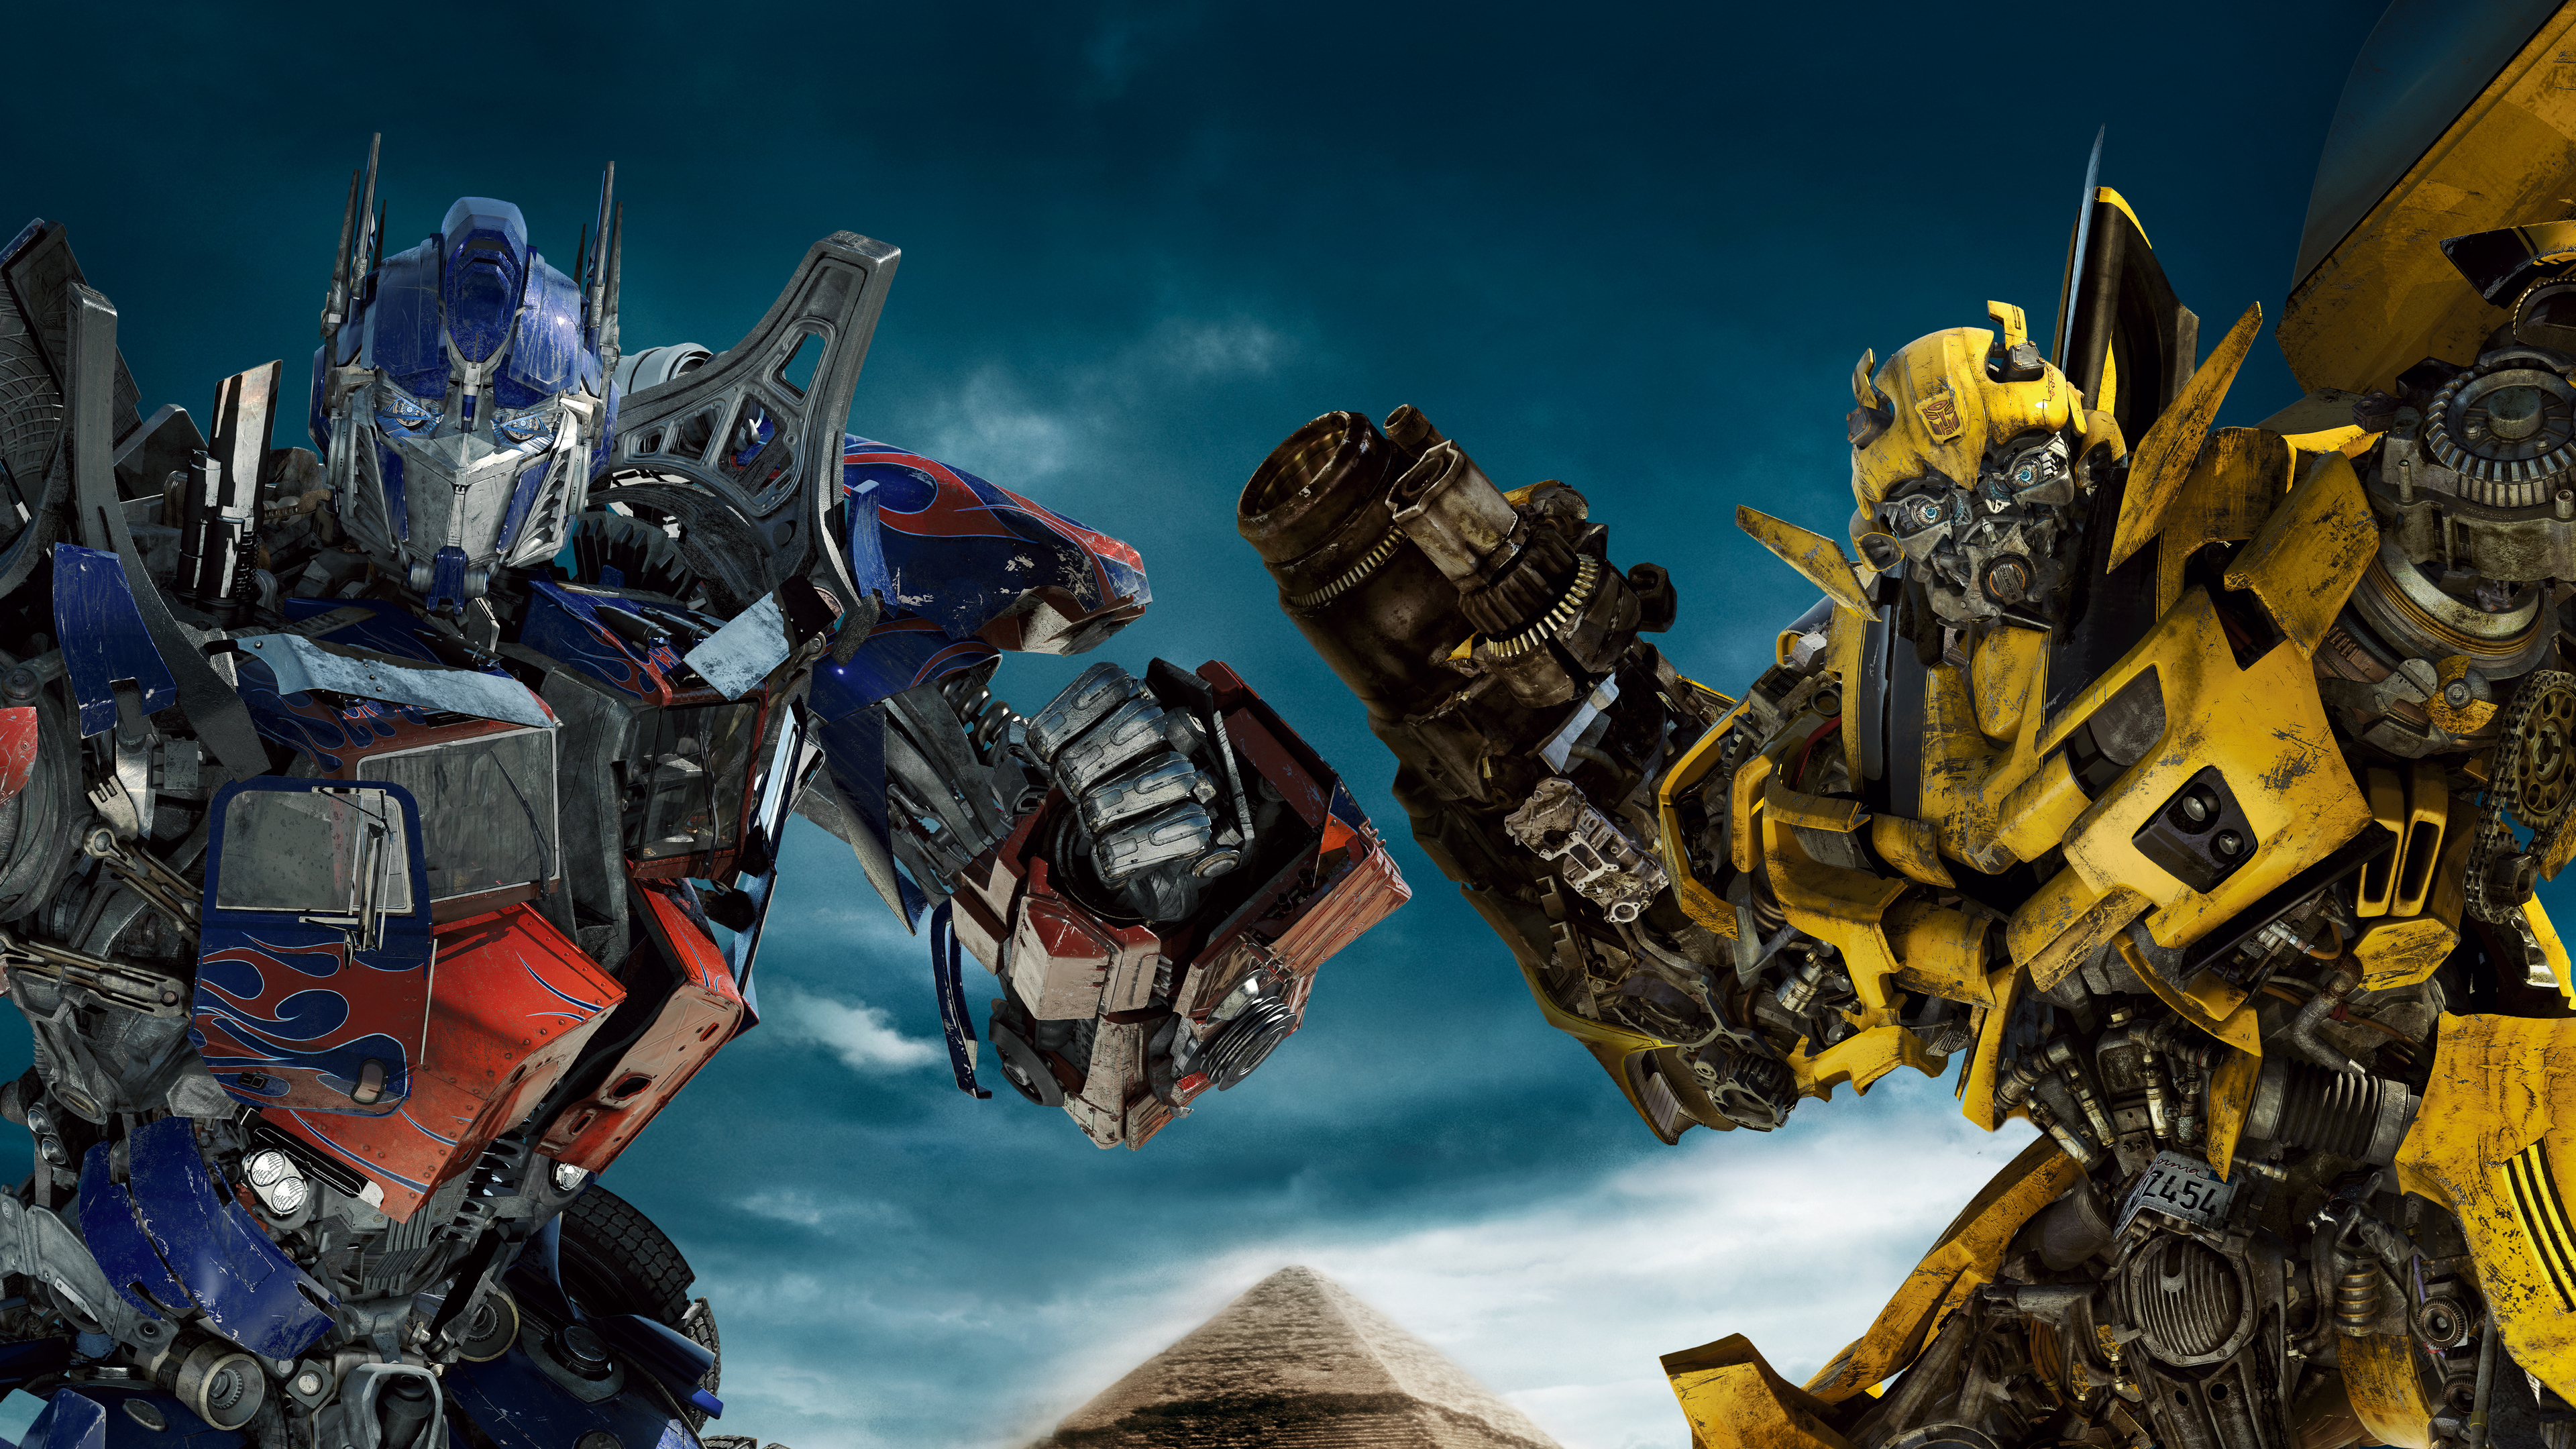 transformers-revenge-of-the-fallen-5k-rb.jpg